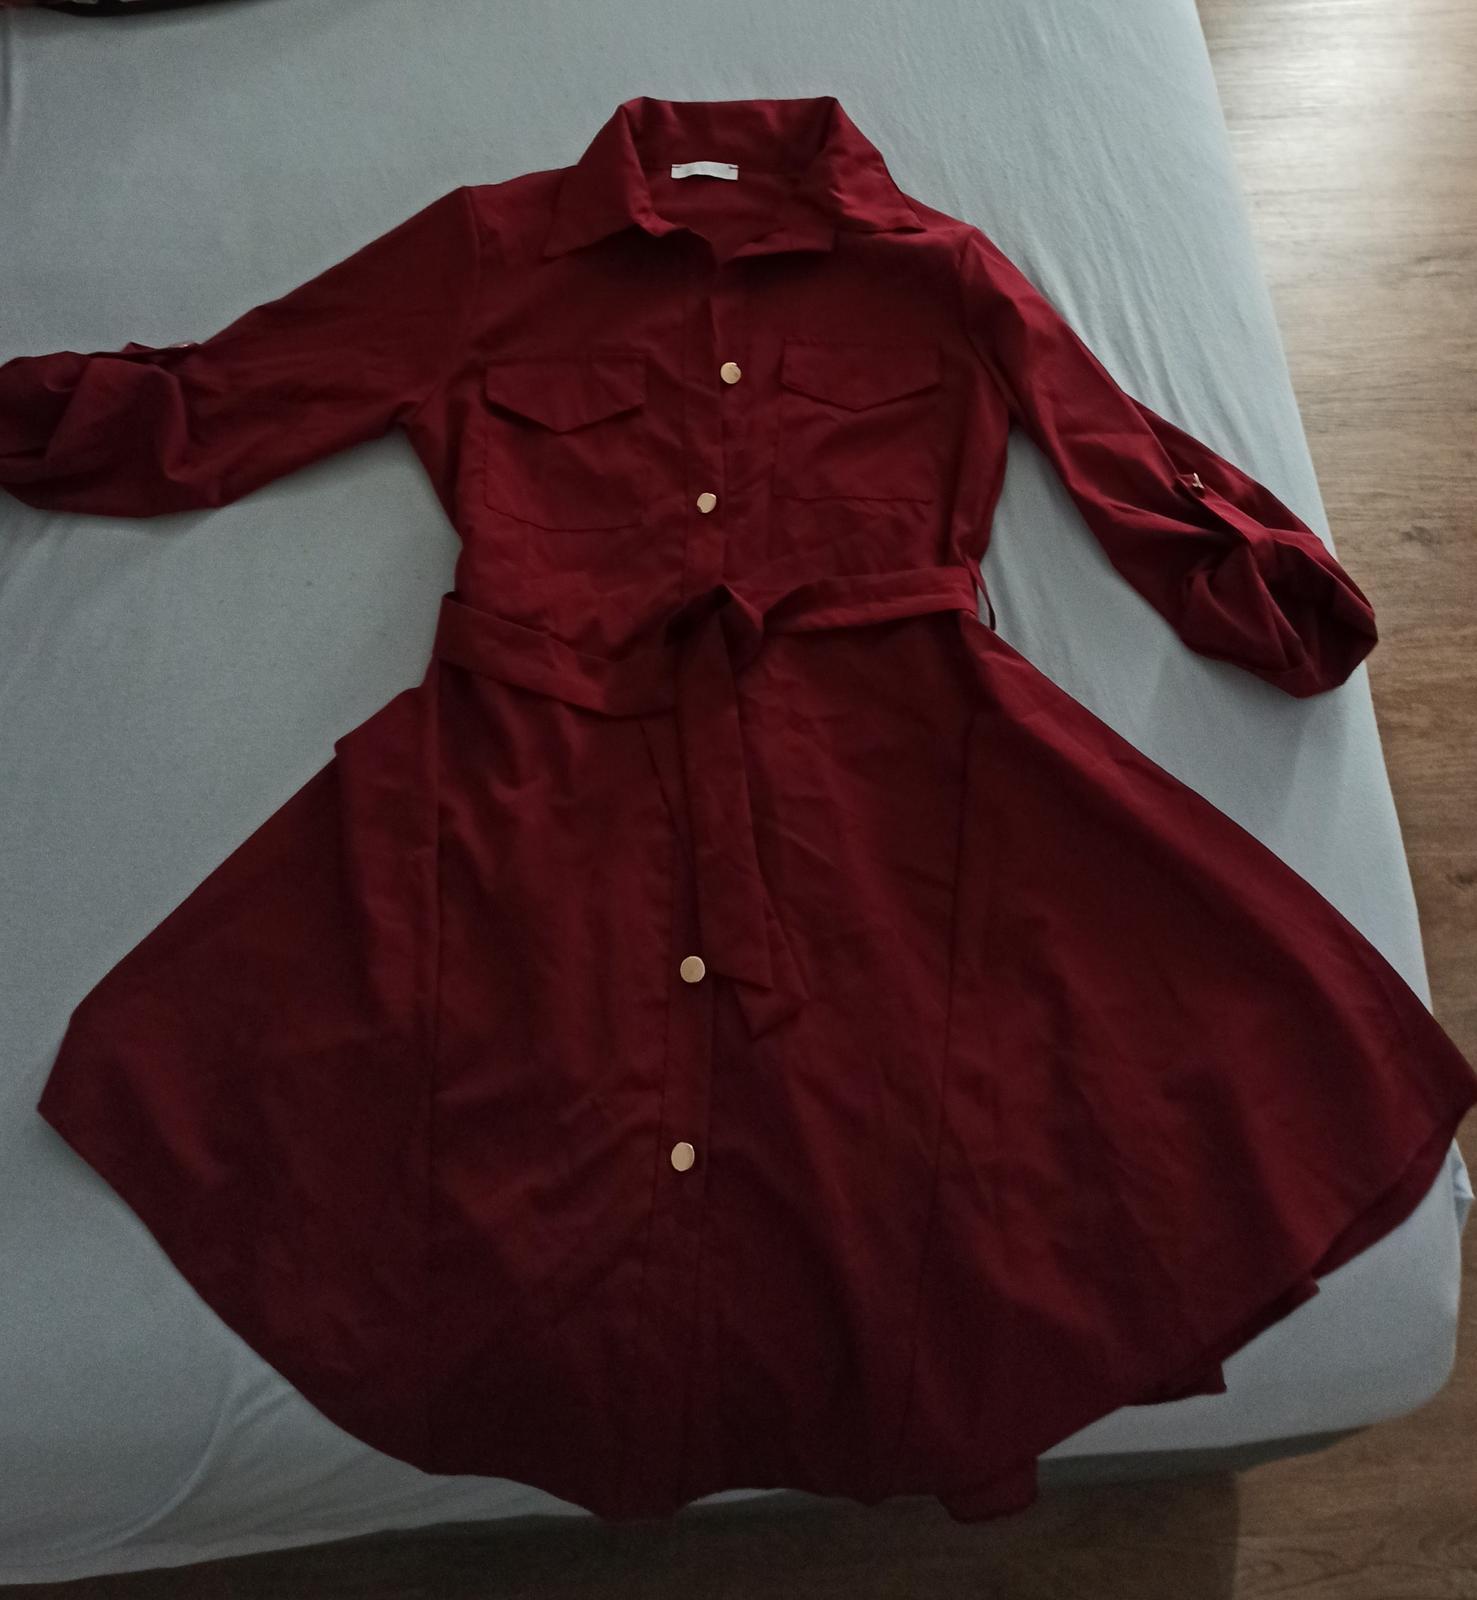 Bordó šaty - Obrázek č. 1